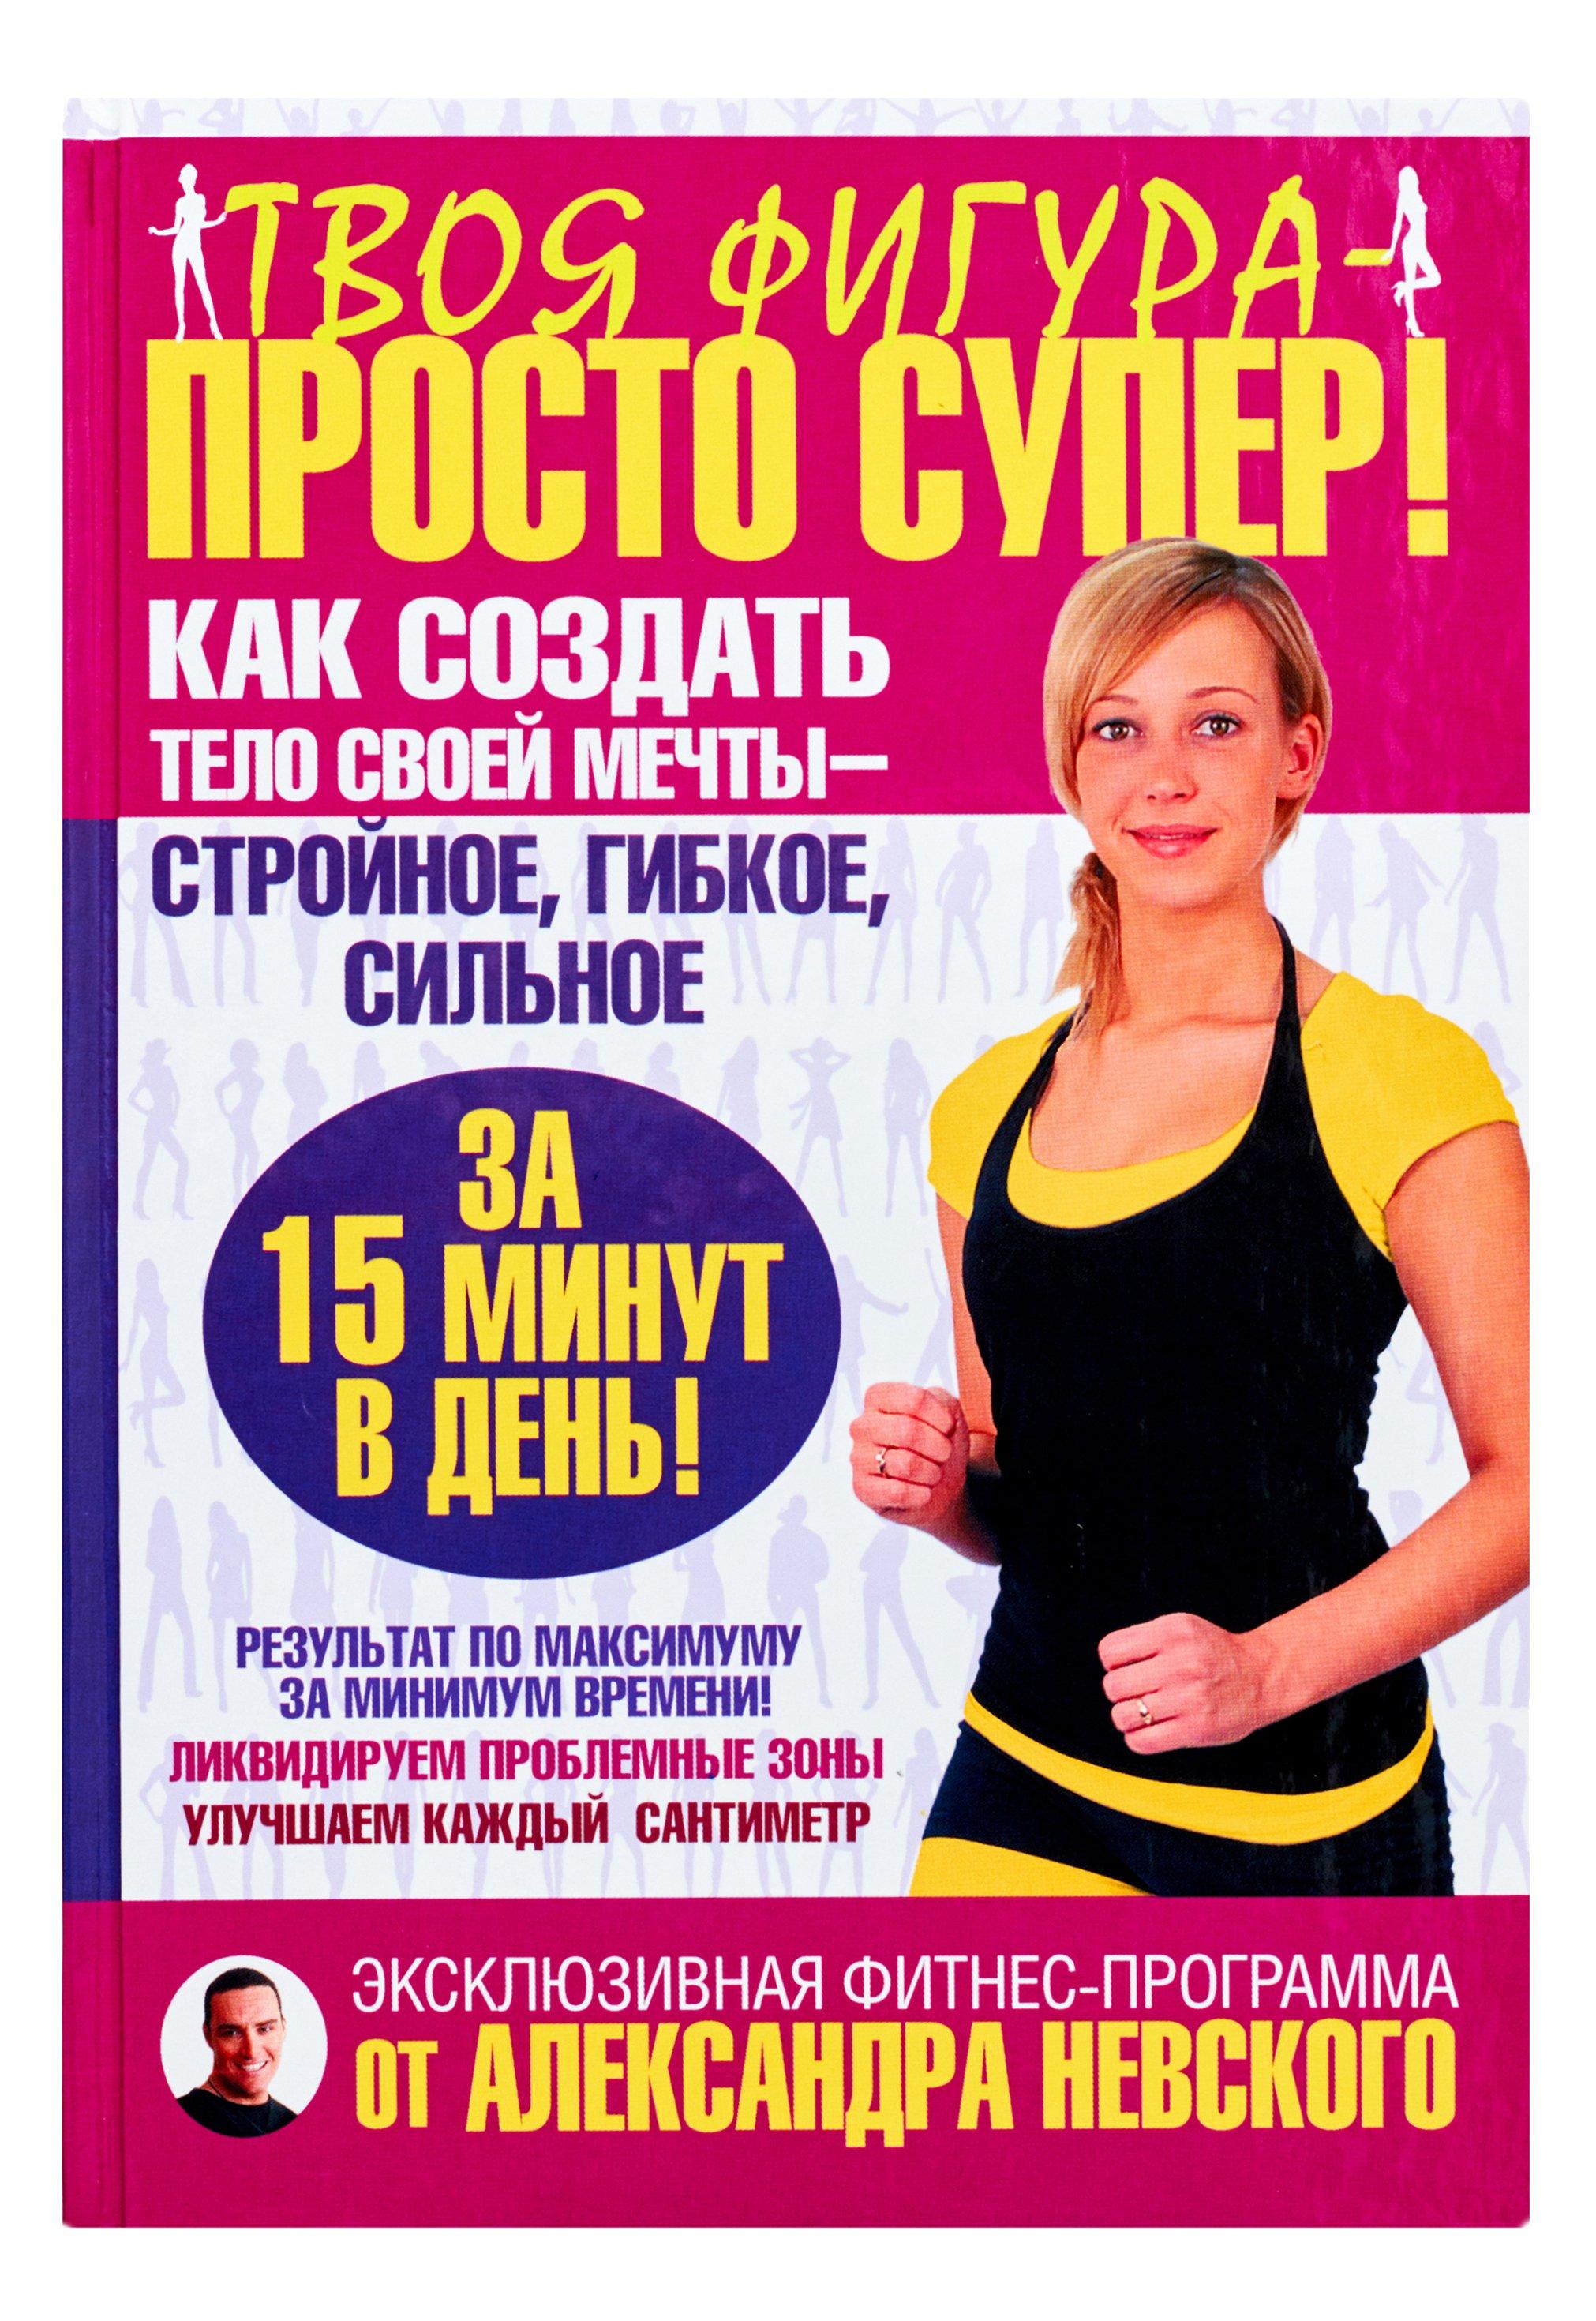 Невский Александр Александрович Твоя фигура - просто супер! Как создать тело своей мечты за 15 минут в день